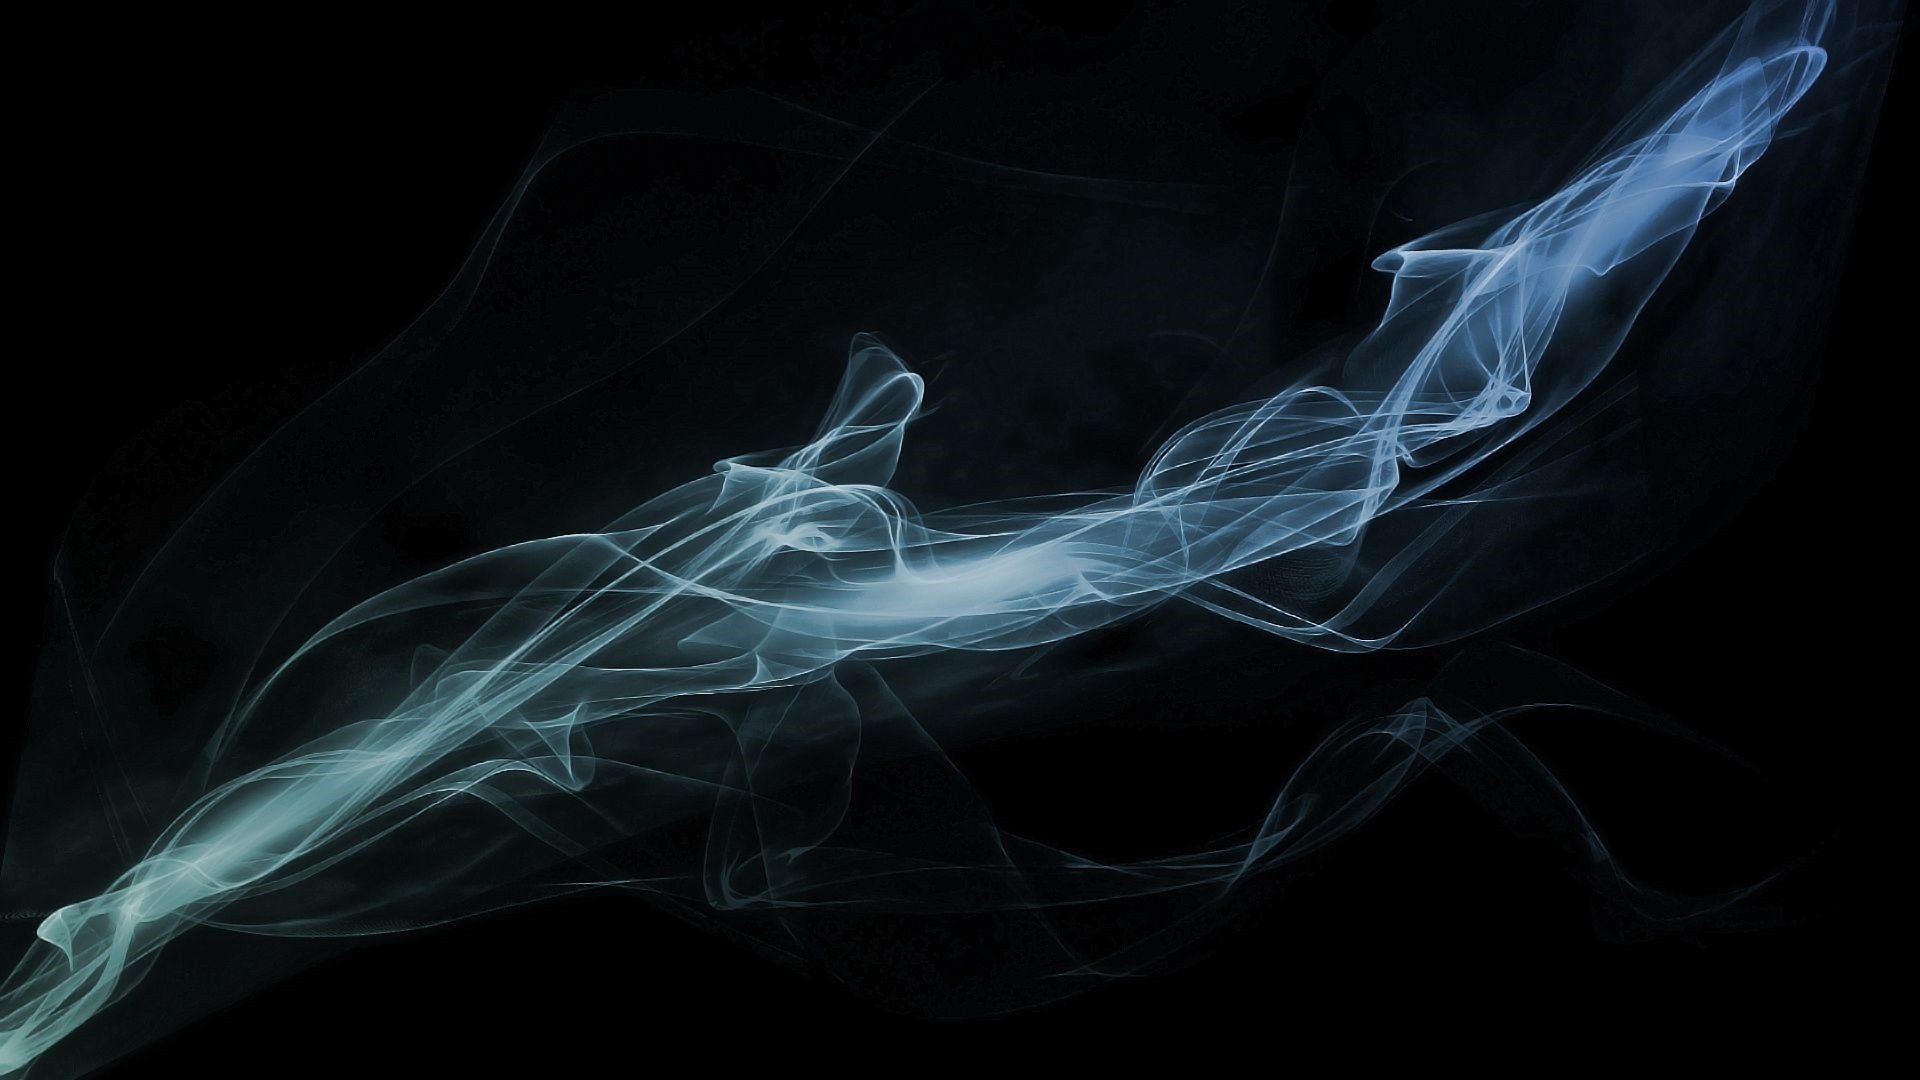 Smoke Wallpaper for pc